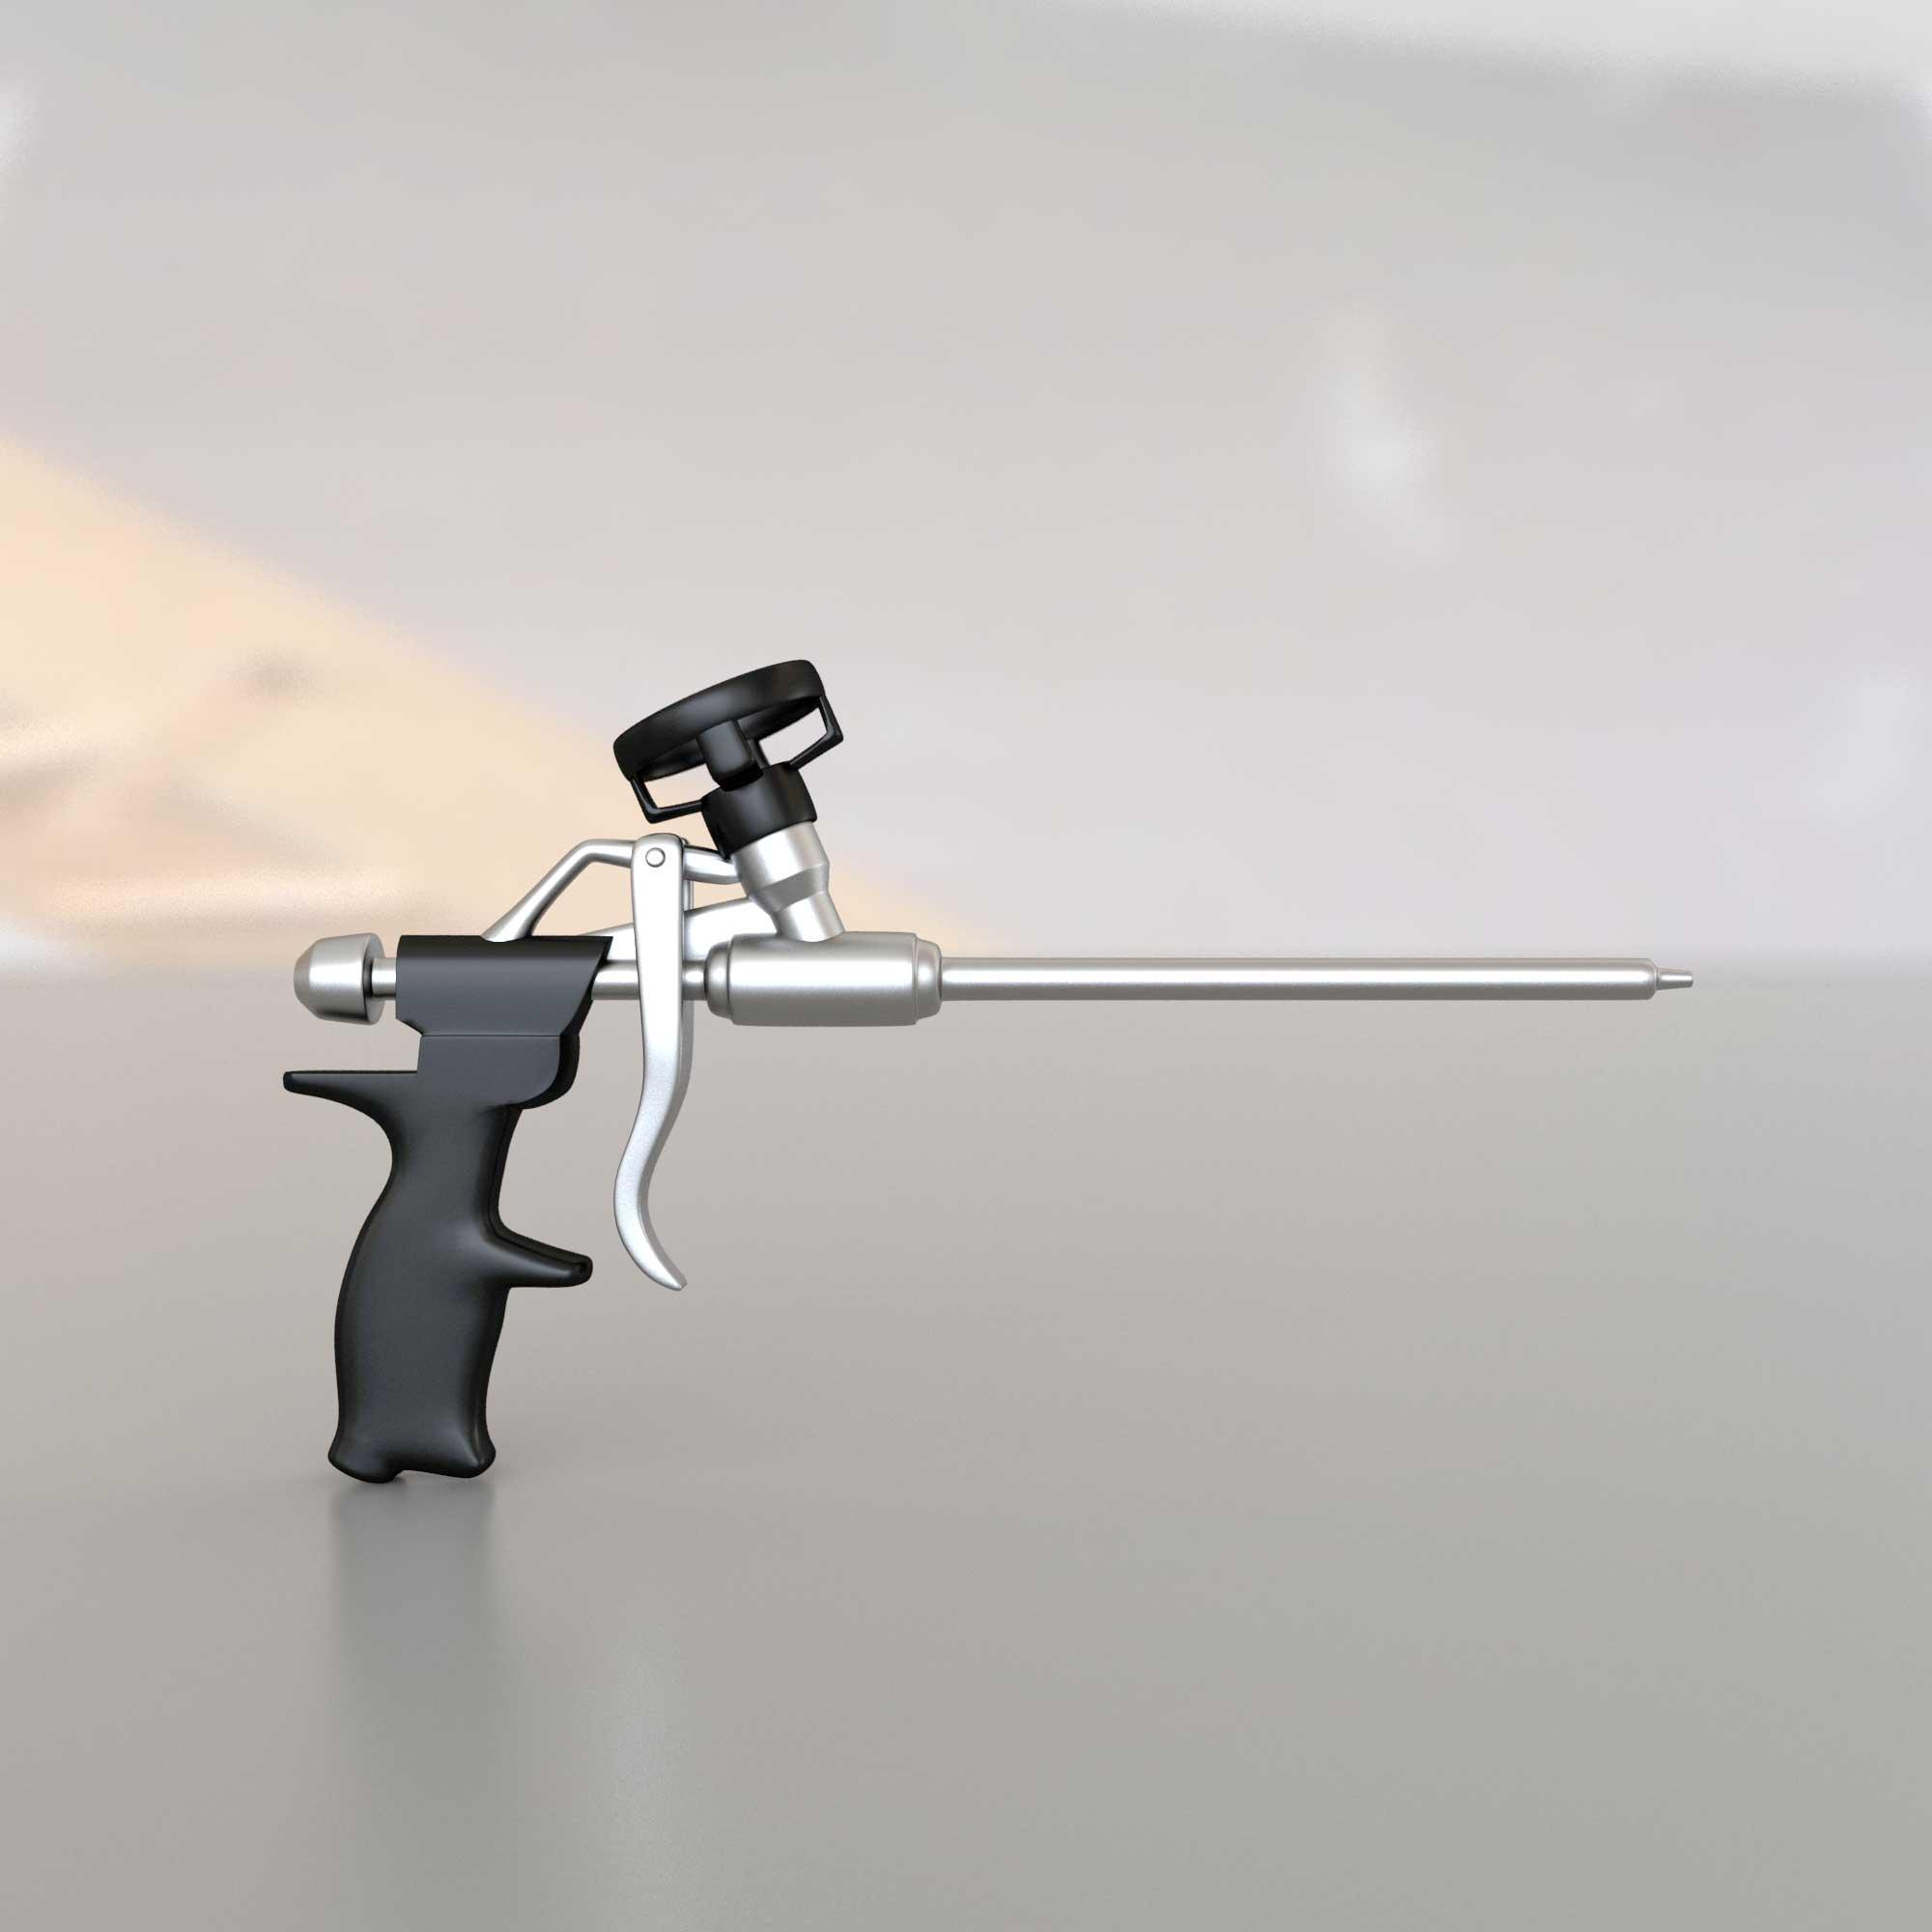 3Д модель строительного пневматического пистолета для монтажной пены